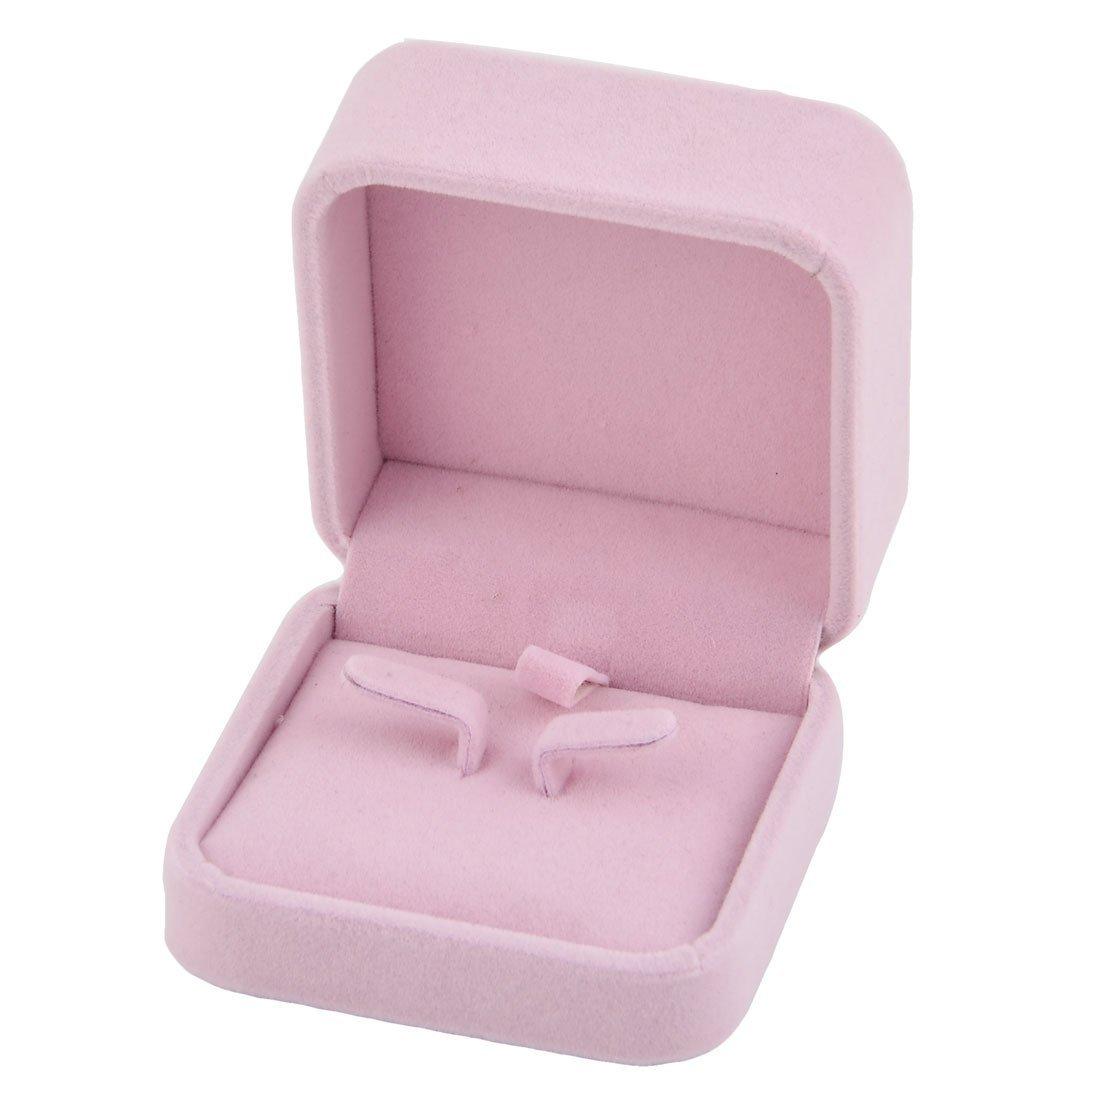 Amazon.com: eDealMax Collar de terciopelo Inicio Plaza Aretes de Regalo de la joyería caja del sostenedor DE 7 x 7 cm Rosa: Home & Kitchen